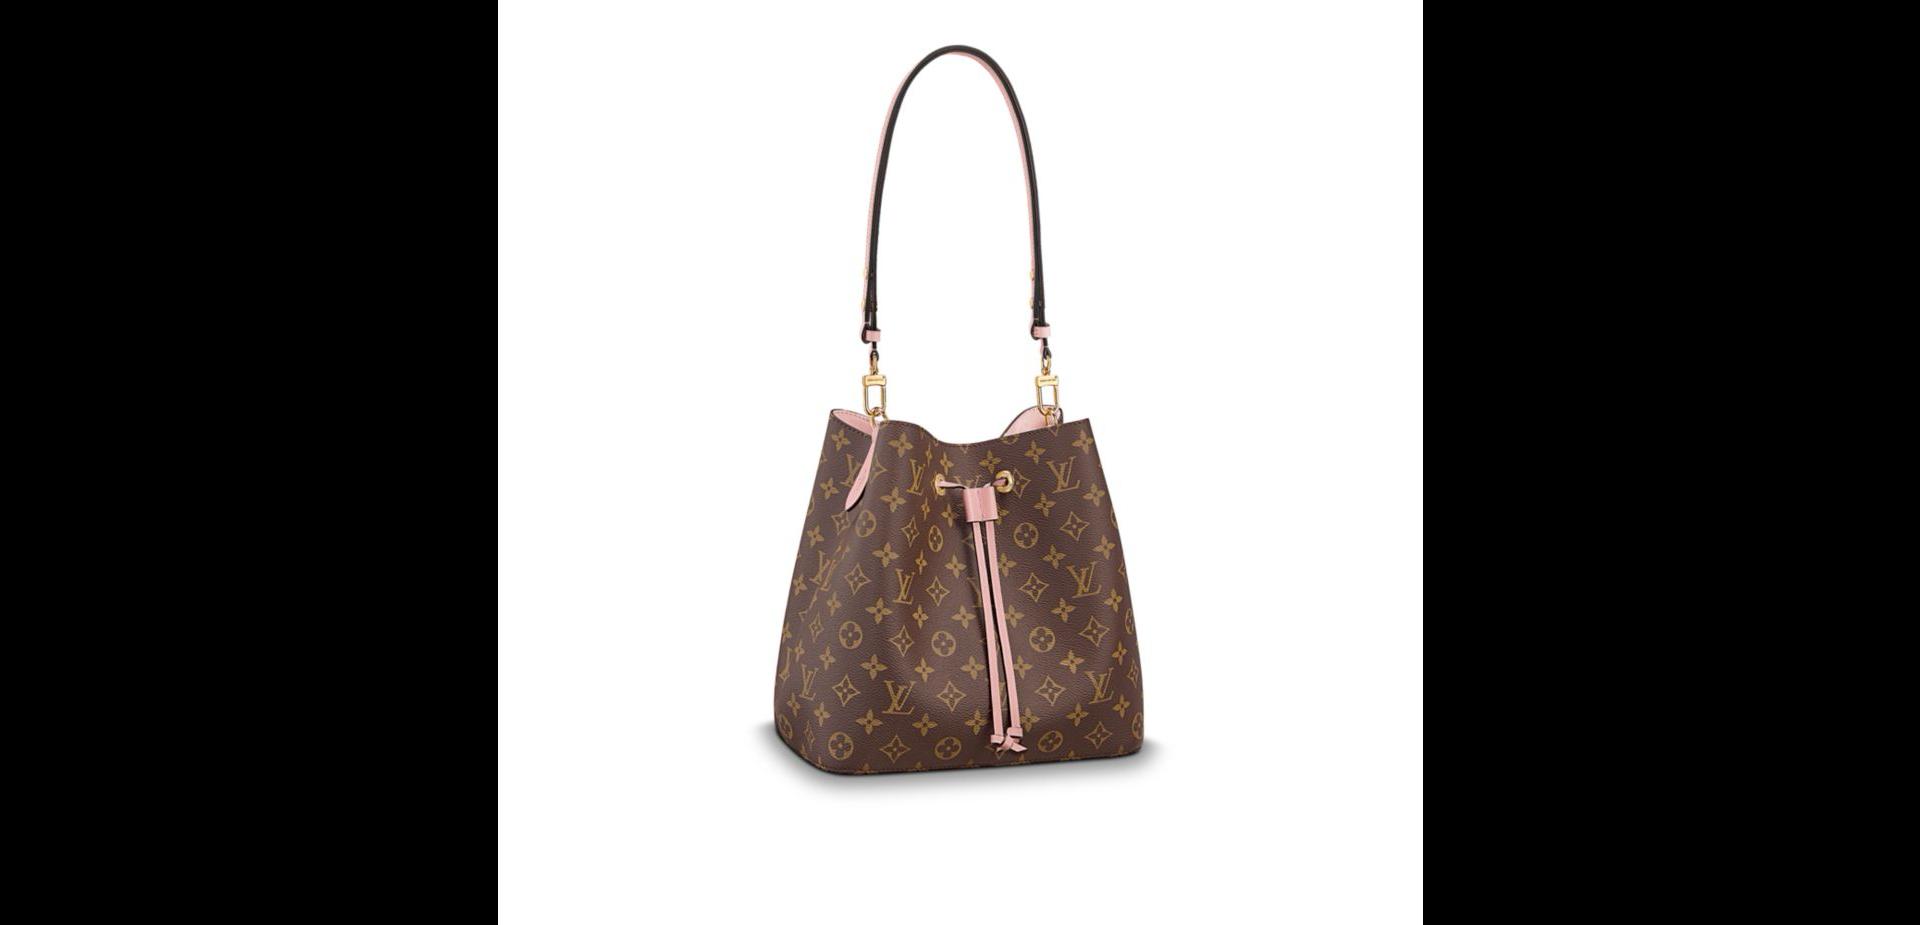 Hot Selling Lv bag high quality women handbag shoulder bag